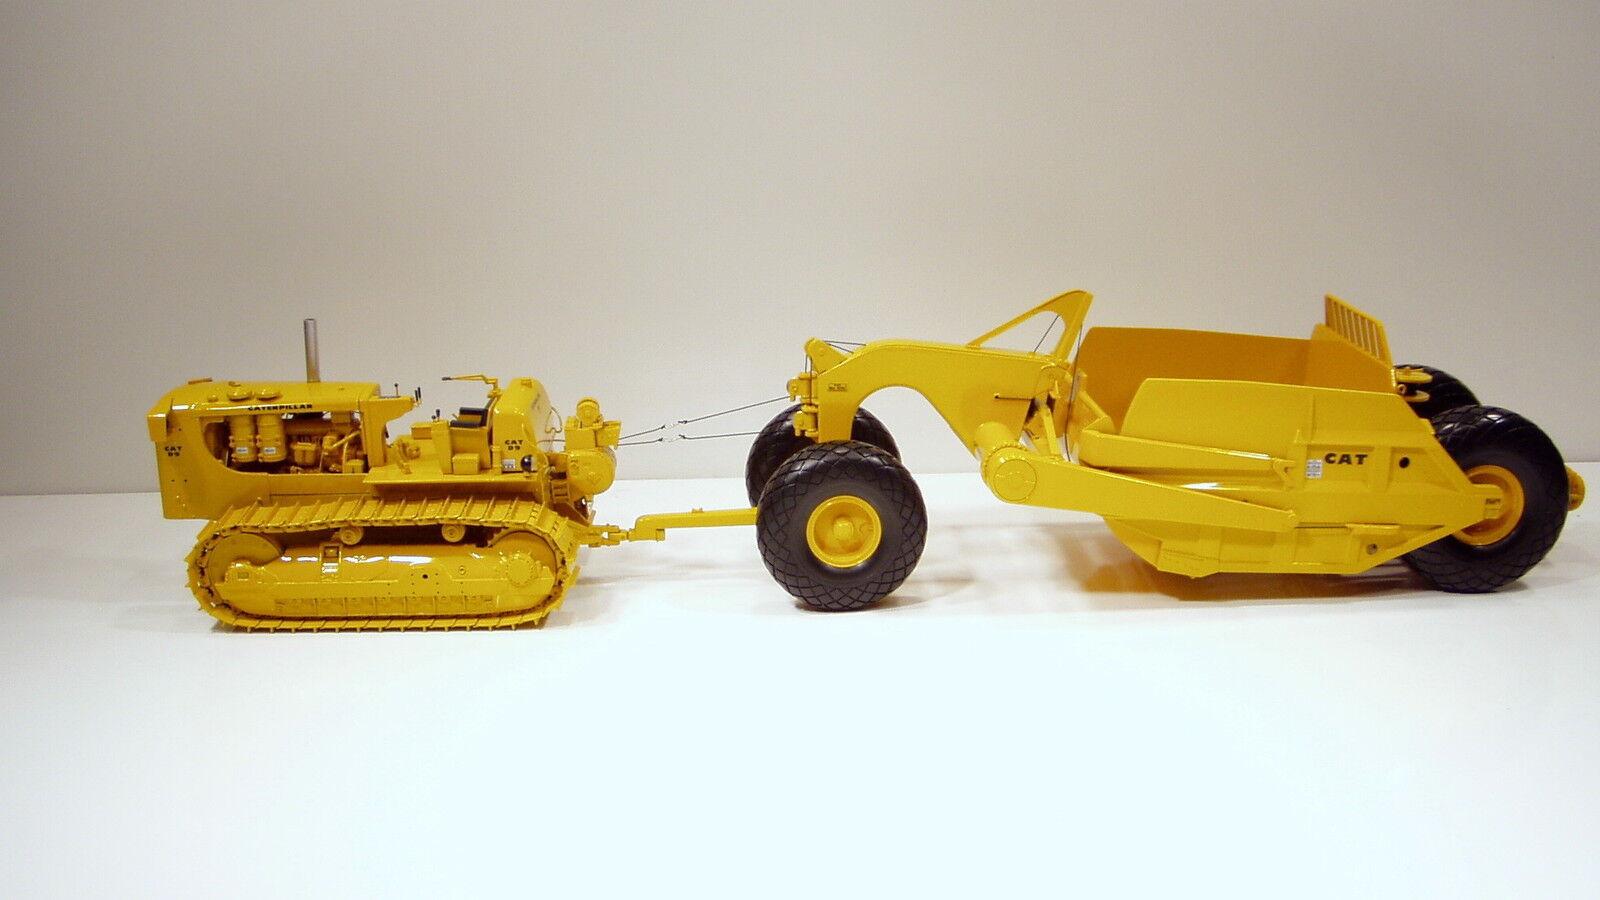 Caterpillar D9E sur chenilles & 491 Grattoir  - 1 25 - FIRST GEAR  49-0148 & 49-0175  magasin discount